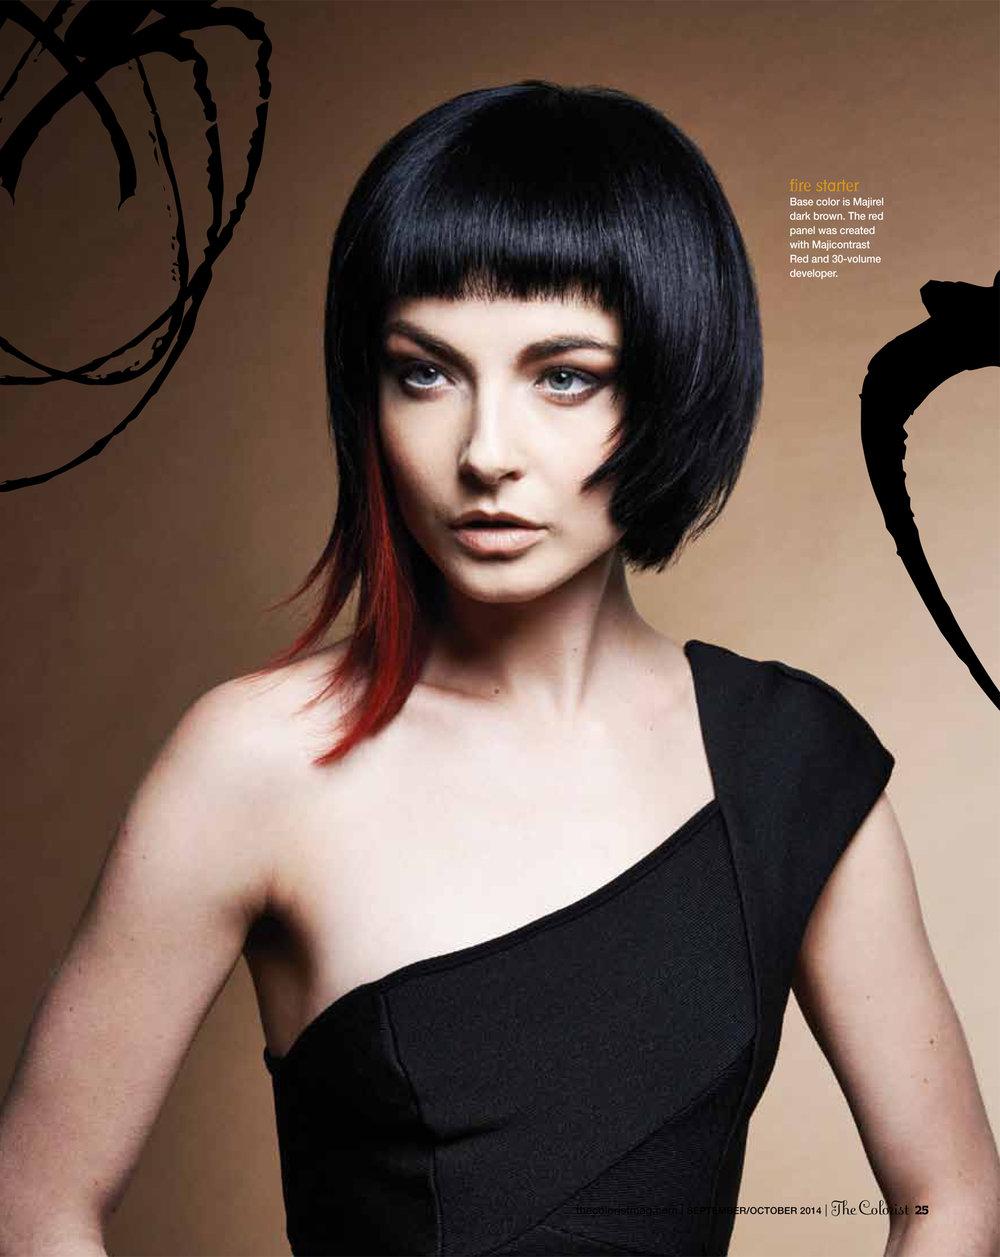 yoshikohair_stkilda_melbourne_hairdresser_hairsalon_thecolorist14_4